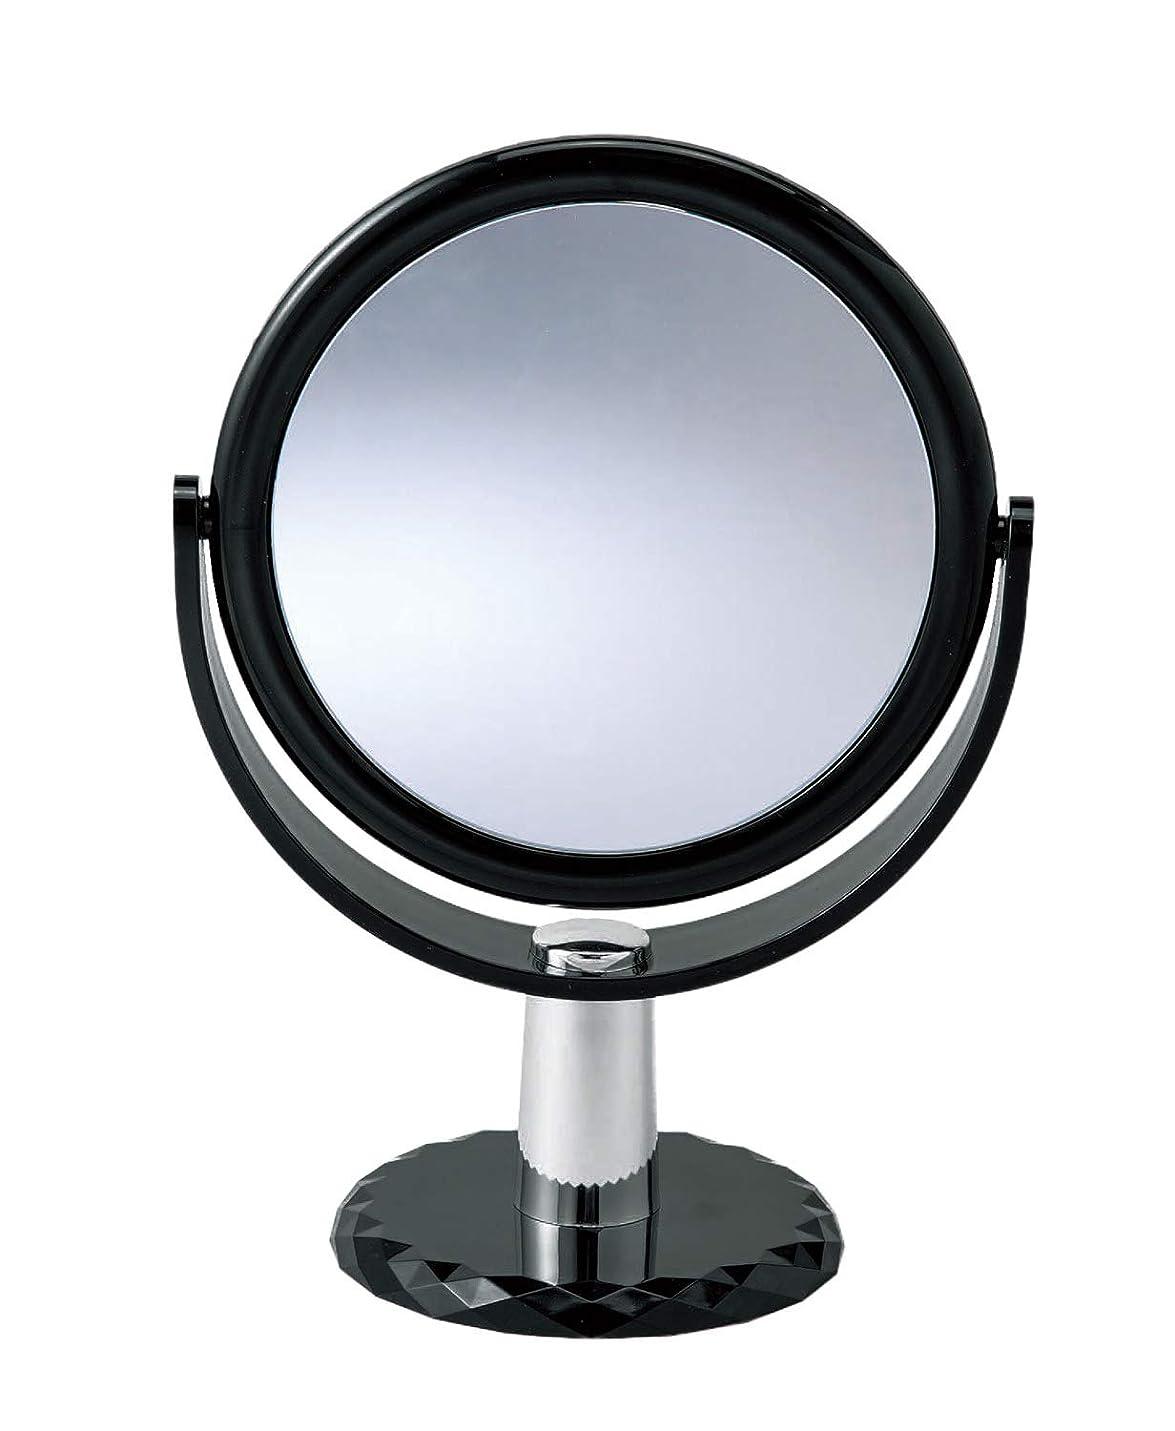 注入するこする焦がす10倍拡大鏡付きの2面ミラー 卓上 スタンドミラー 化粧鏡 メイク 360度回転